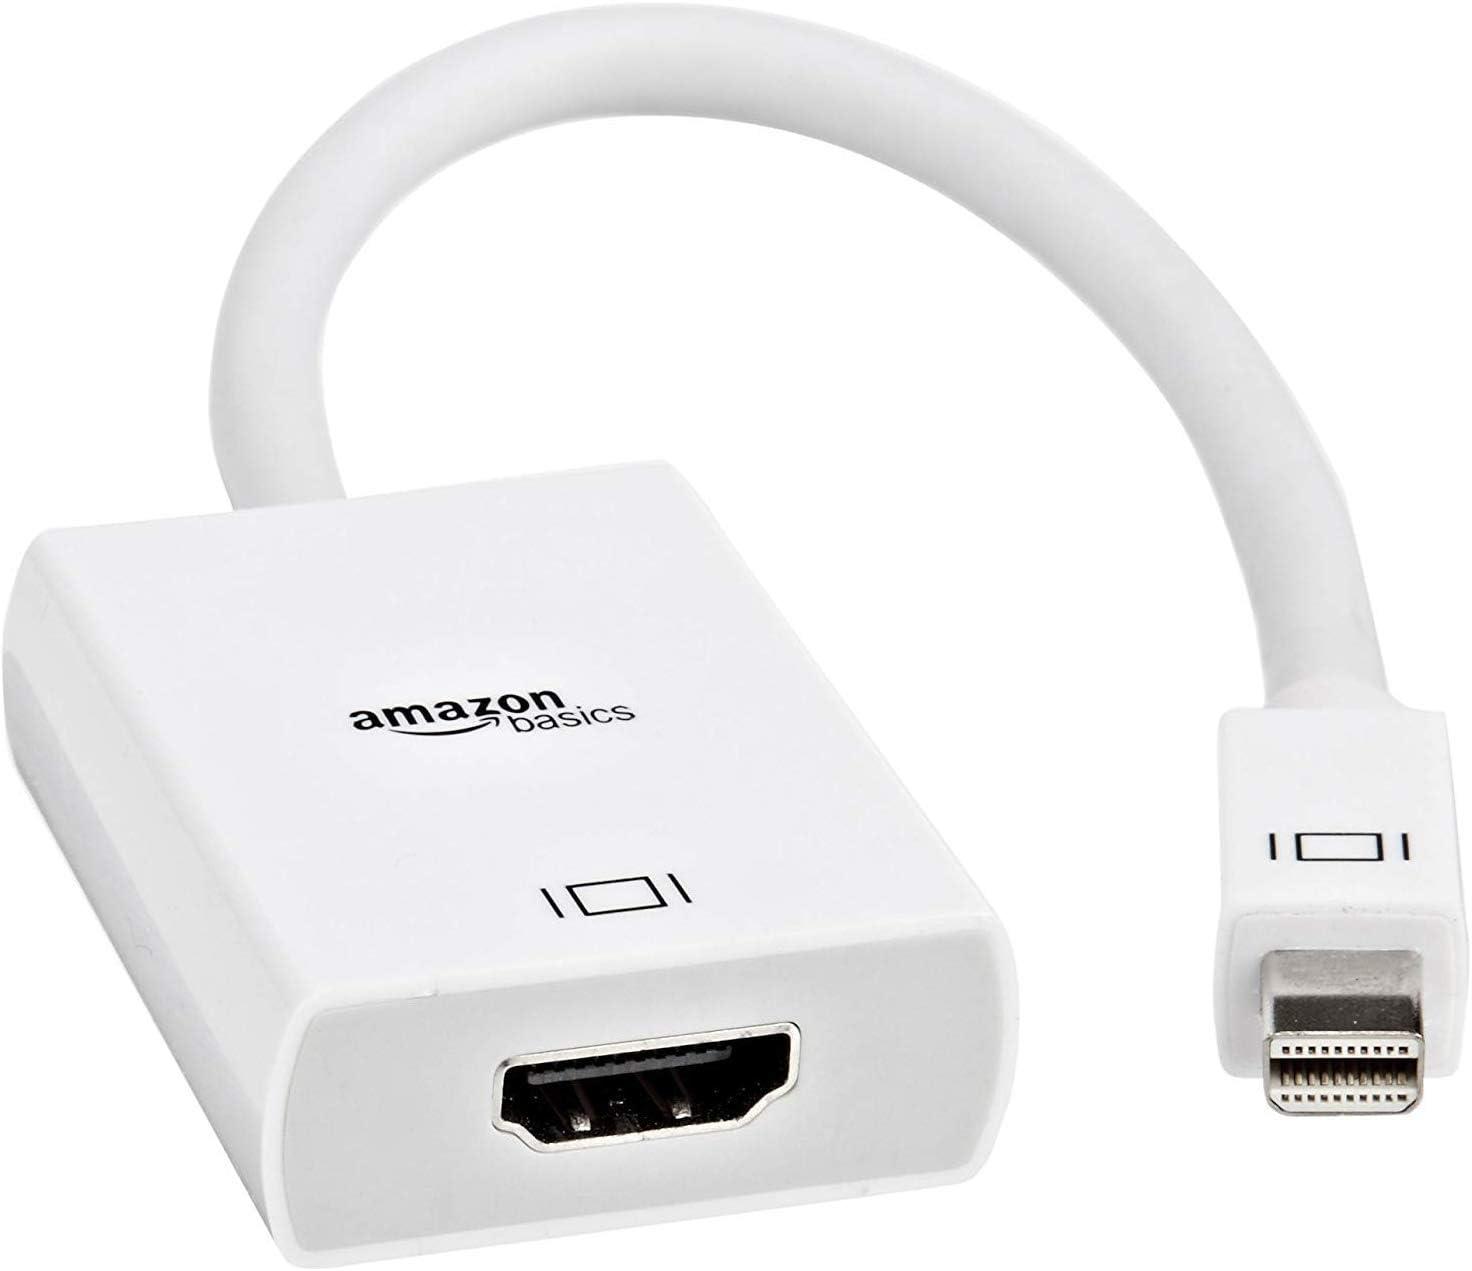 Basics Lot de 10 c/âbles audio vid/éo Mini DisplayPort vers HDMI 0,9 m